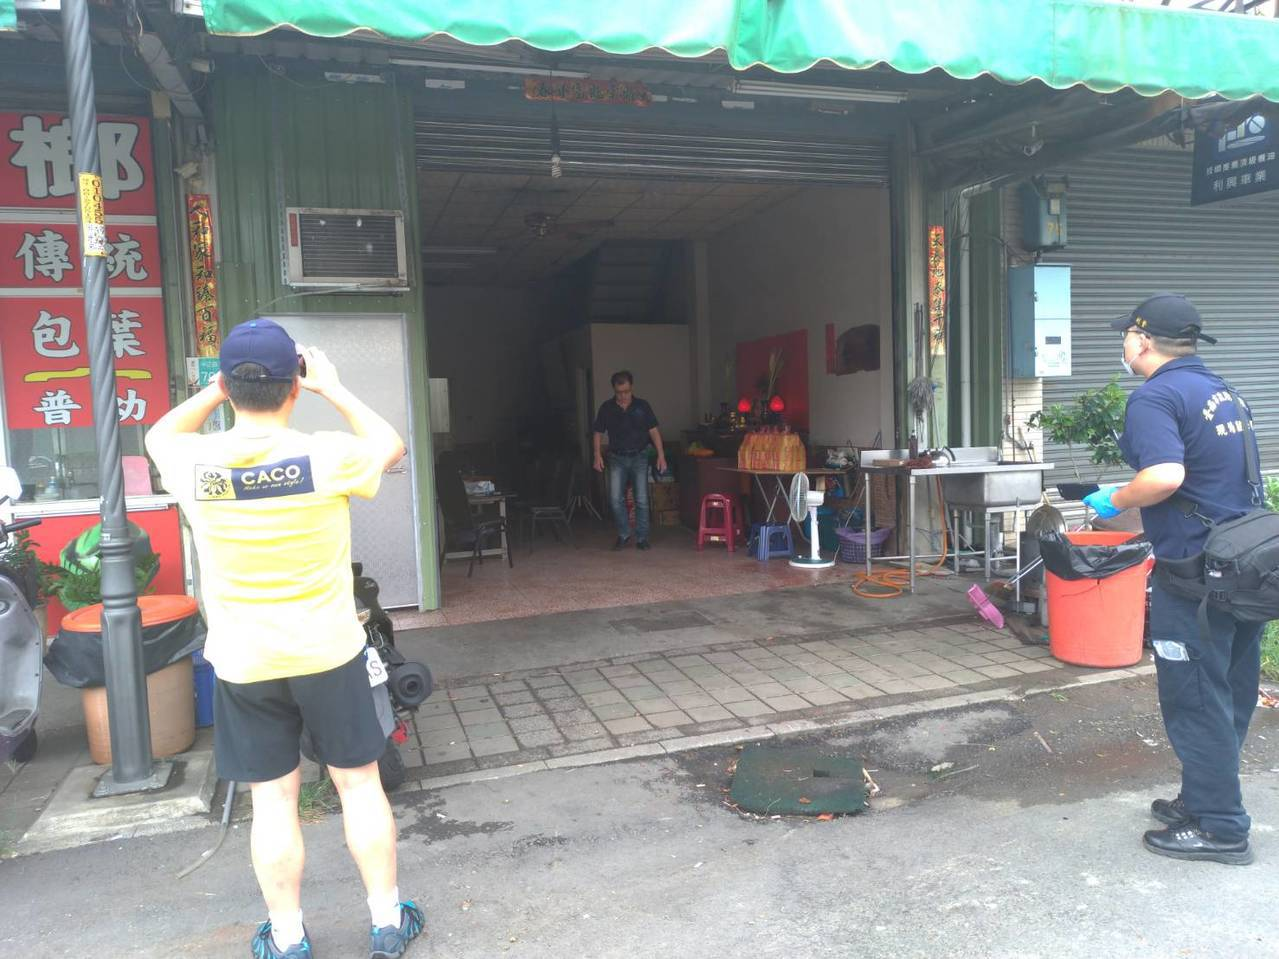 台南市仁德區中正三路今天下午2點多發生槍響,一名50歲男子中槍倒地。記者陳俞安/...